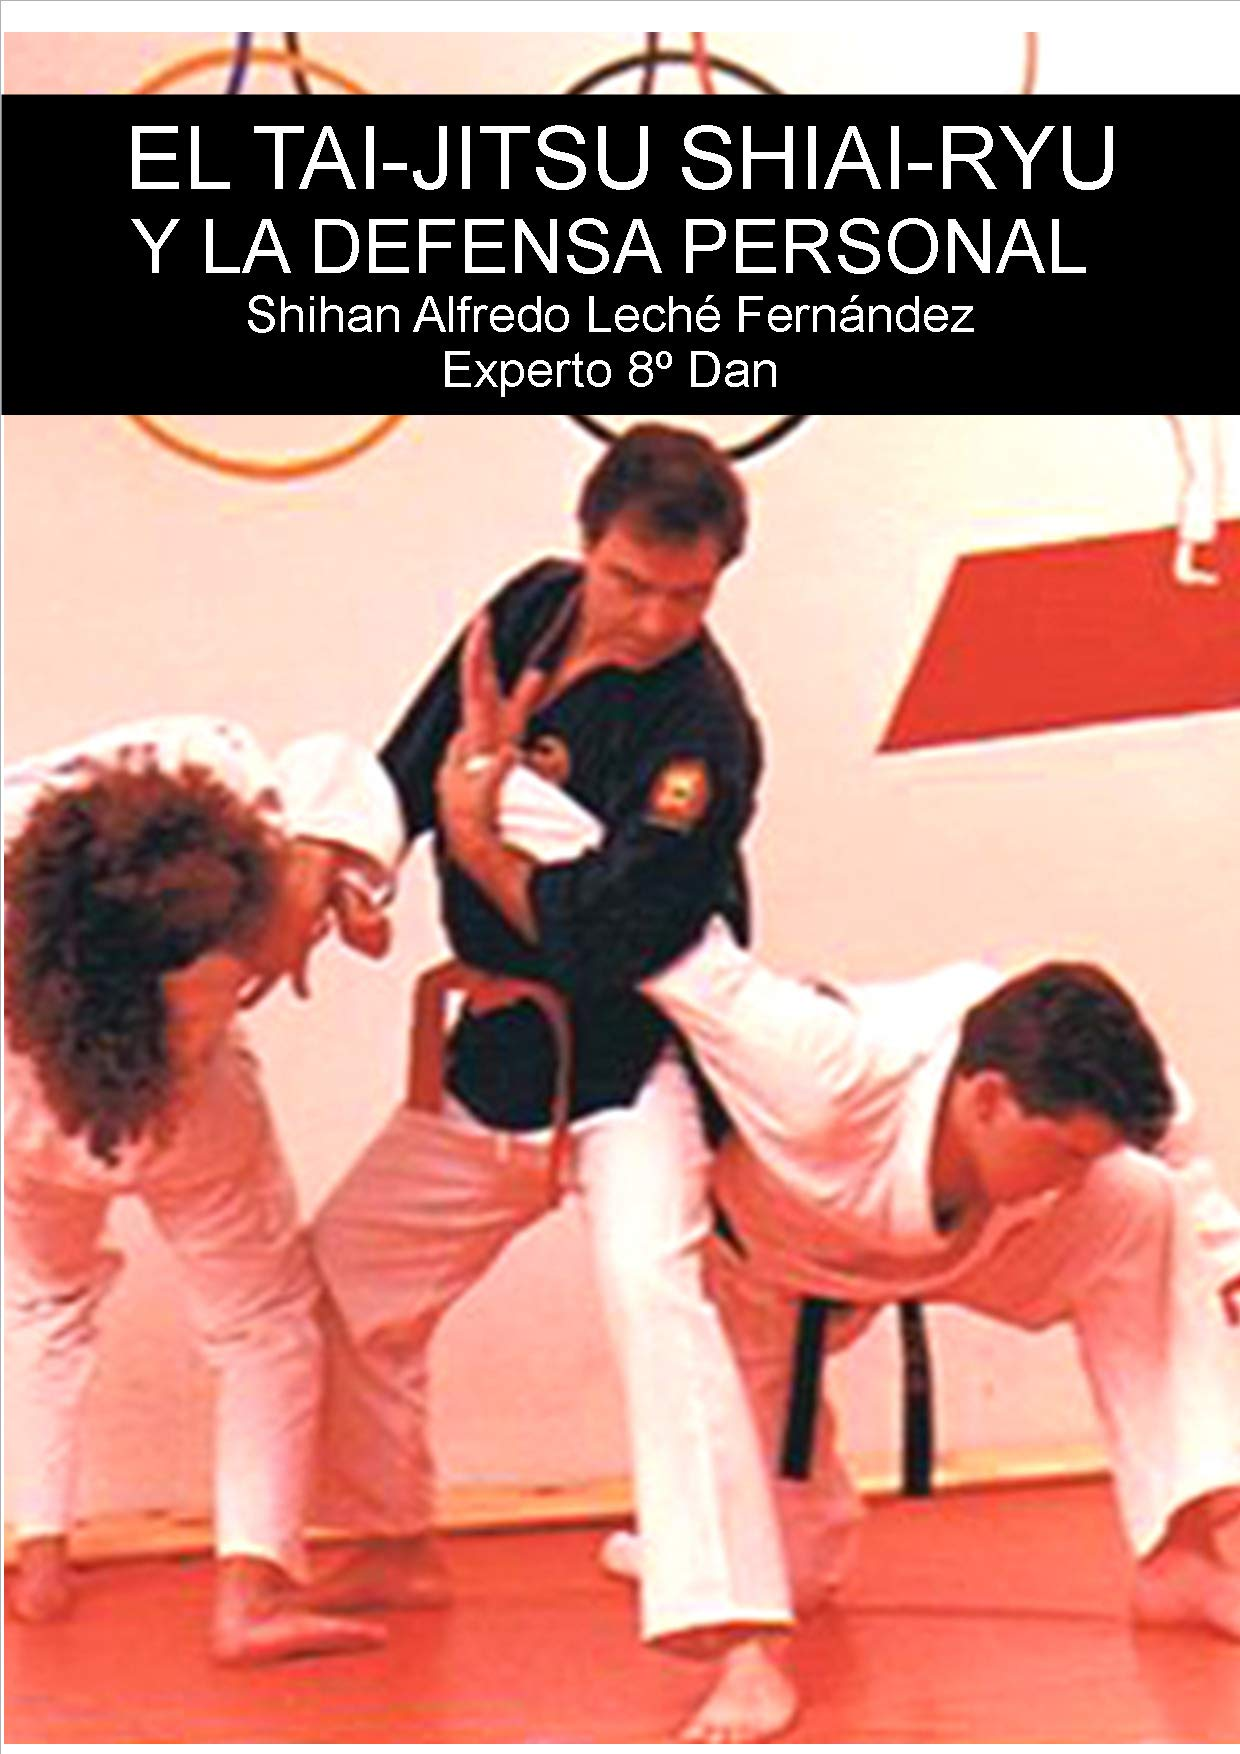 El Tai-Jitsu Shiai-Ryu y la defensa personal: Amazon.es: Leché Fernández, Alfredo: Libros